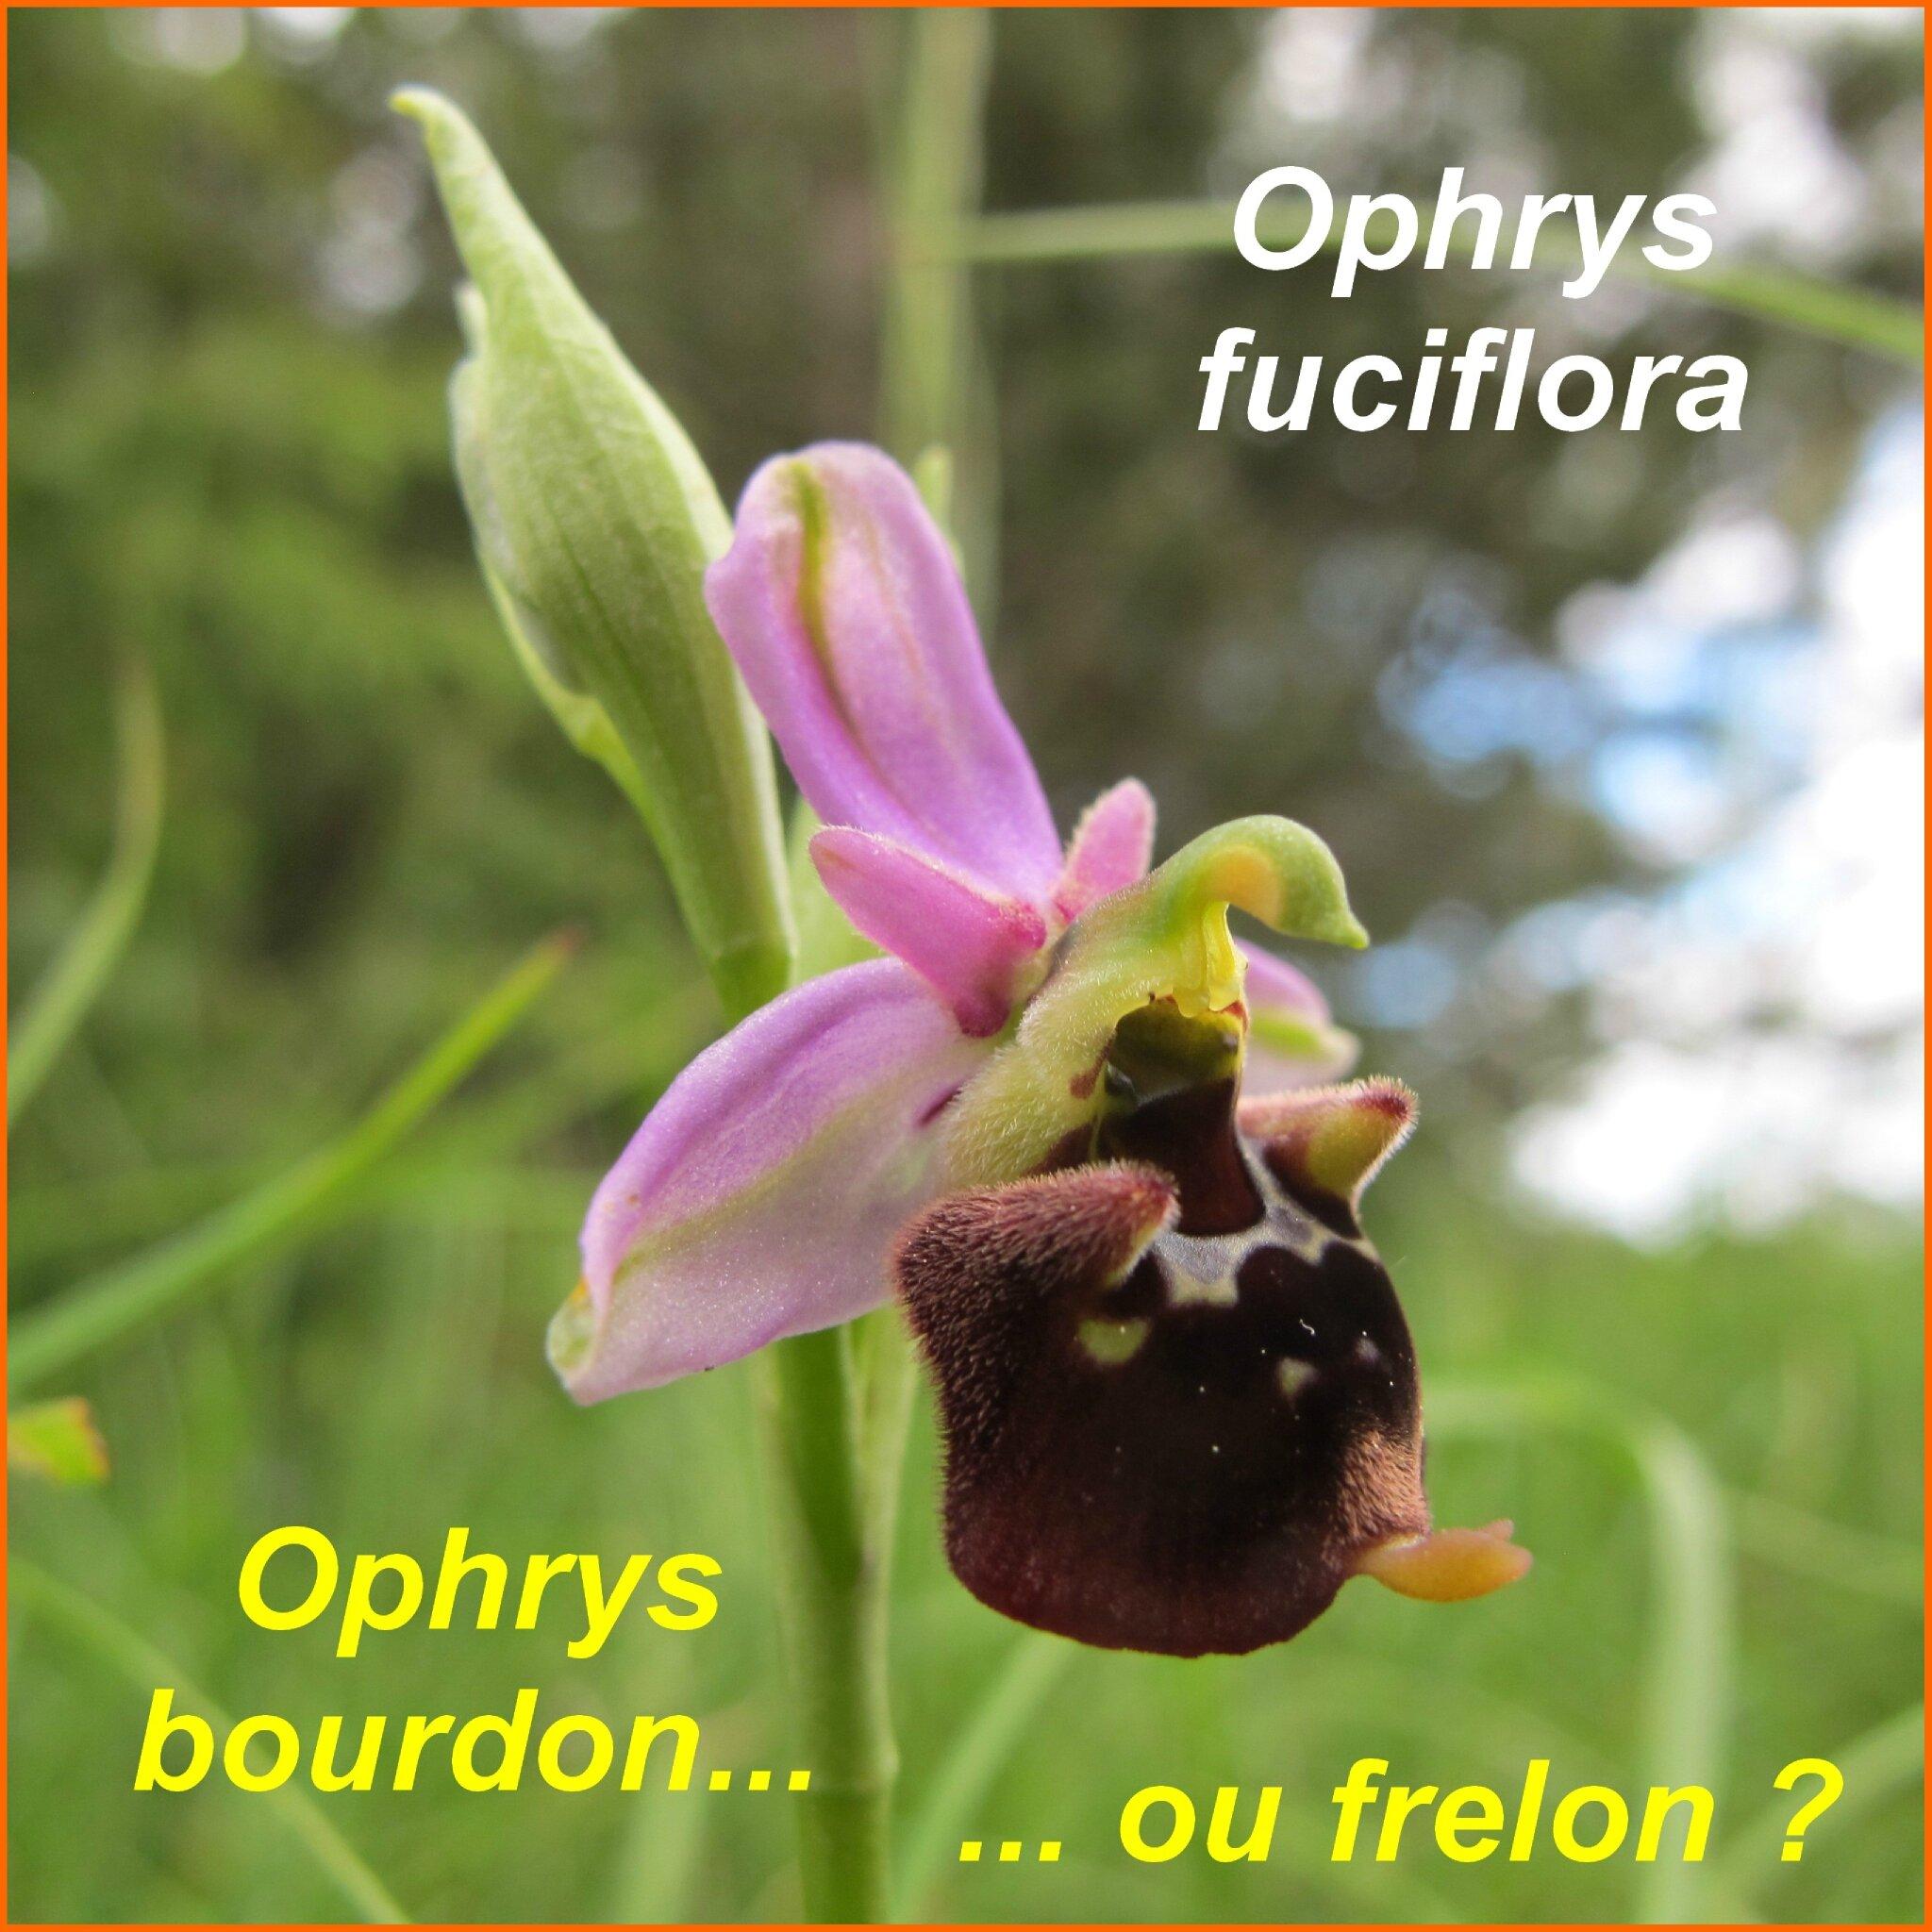 Ophrys fuciflora - bourdon - comp